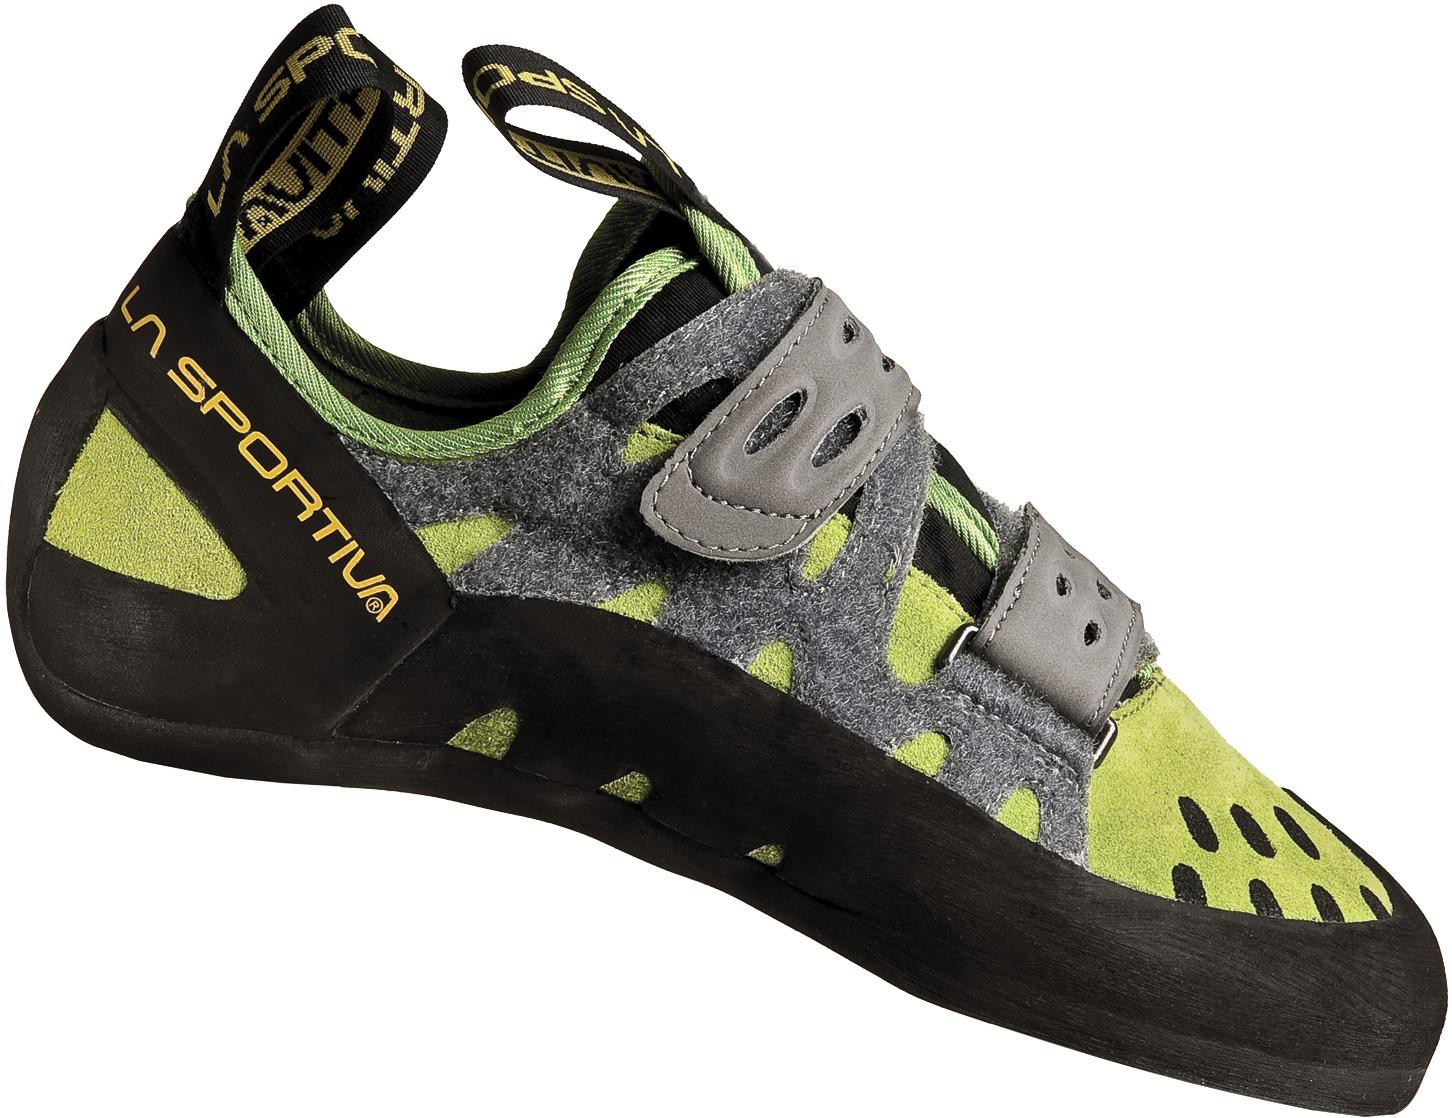 High Top Rock Climbing Shoes